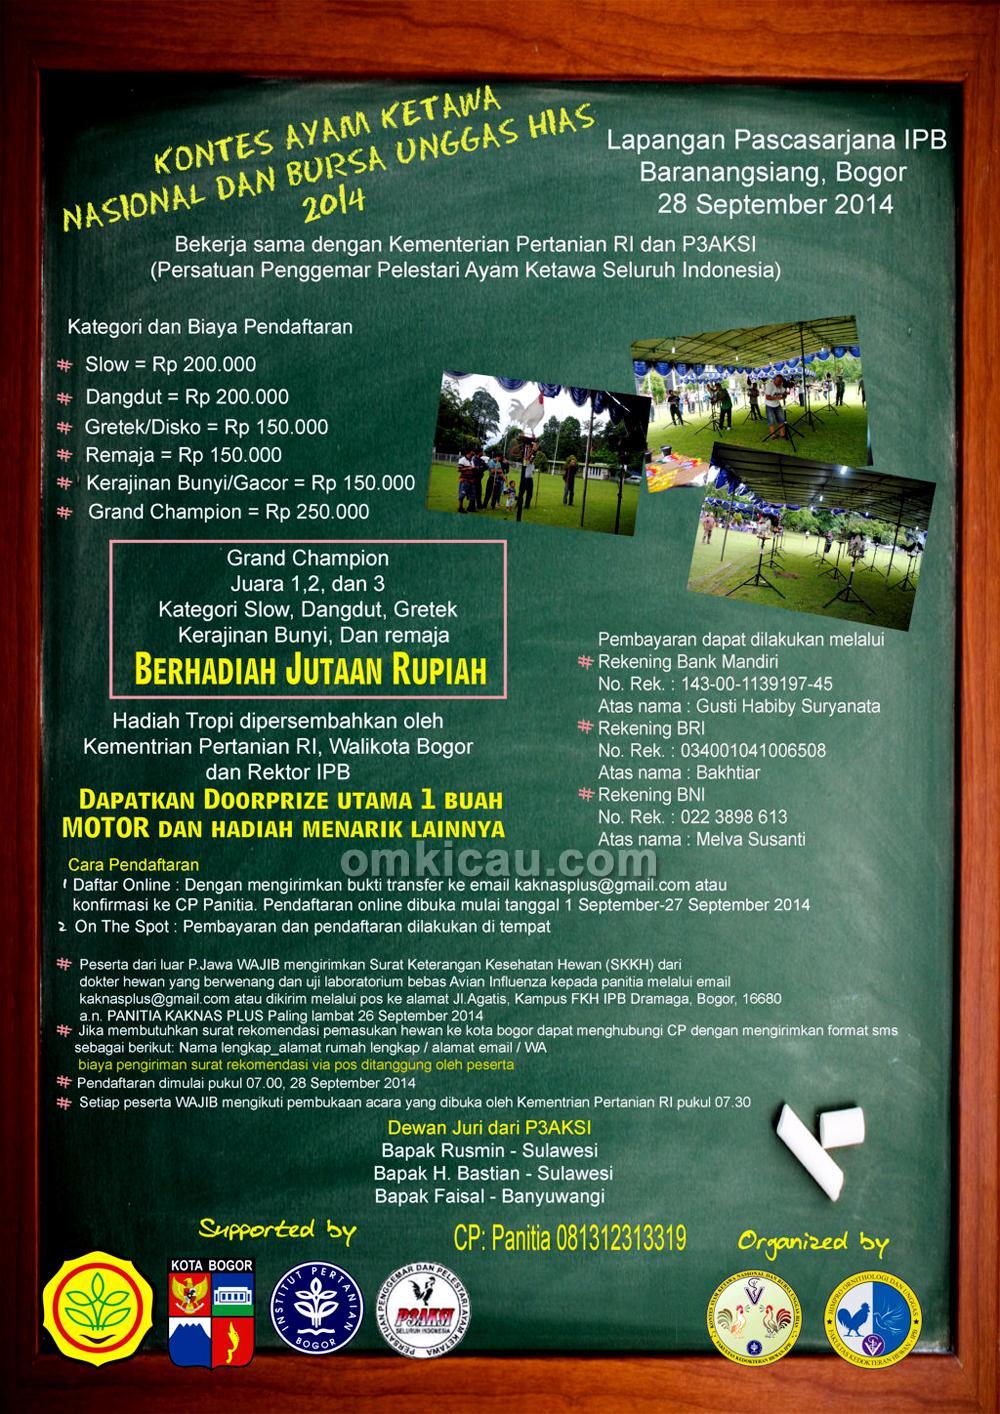 Brosur Kontes Ayam Ketawa Nasional-IPB, Bogor, 28 September 2014